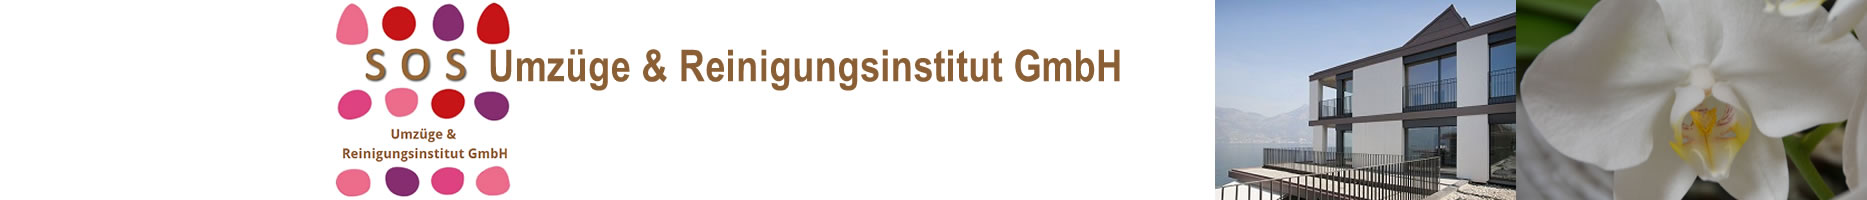 SOS Reinigungsinstitut GmbH